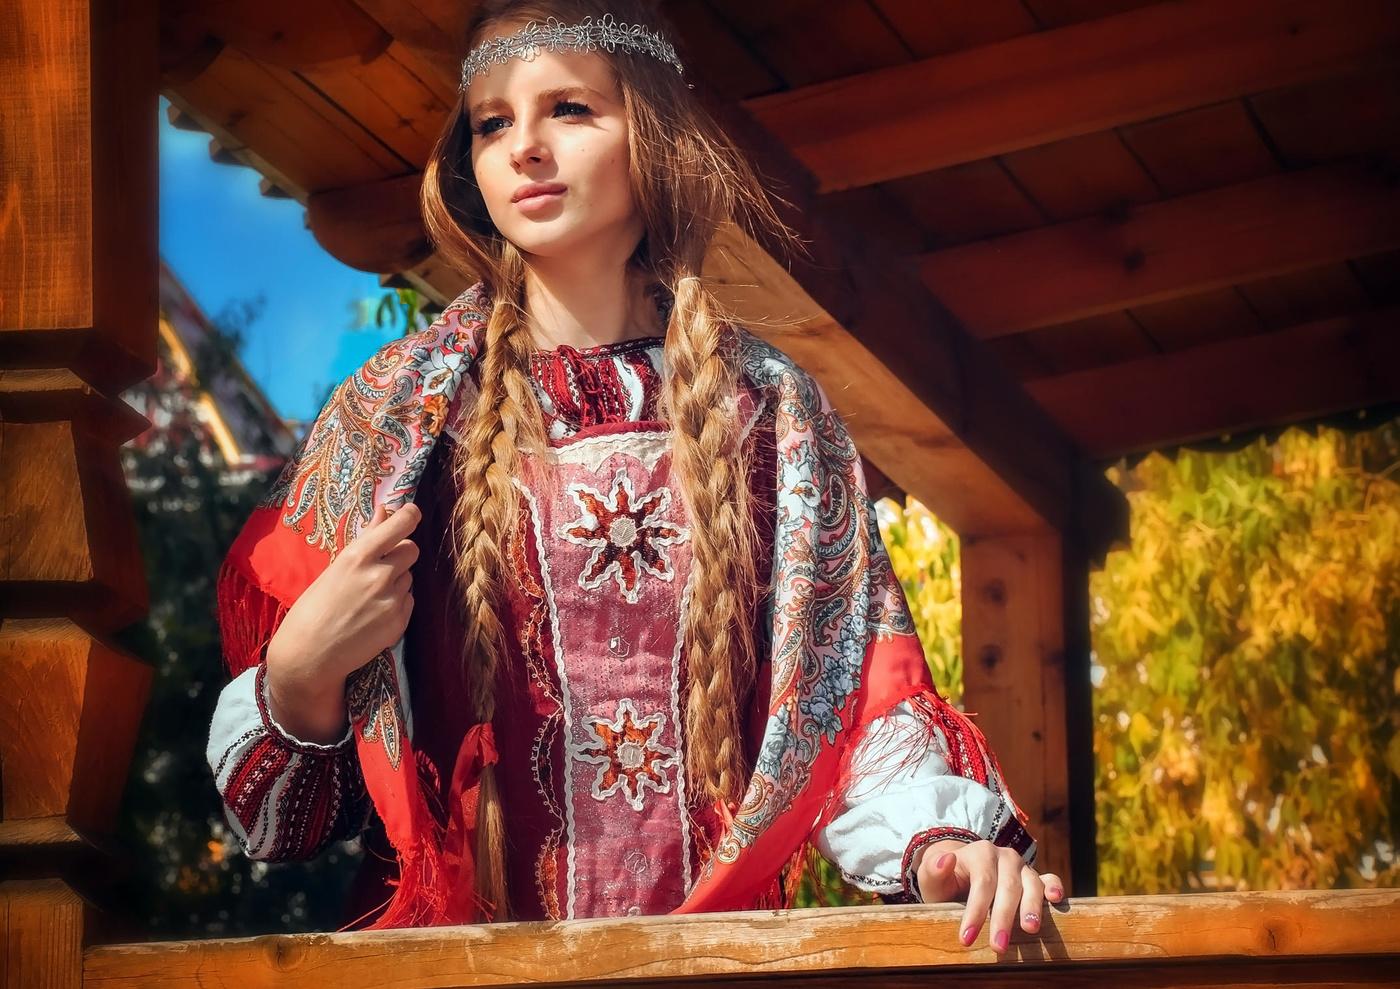 Одевается девушка русская фото, фото отлизать у толстухи